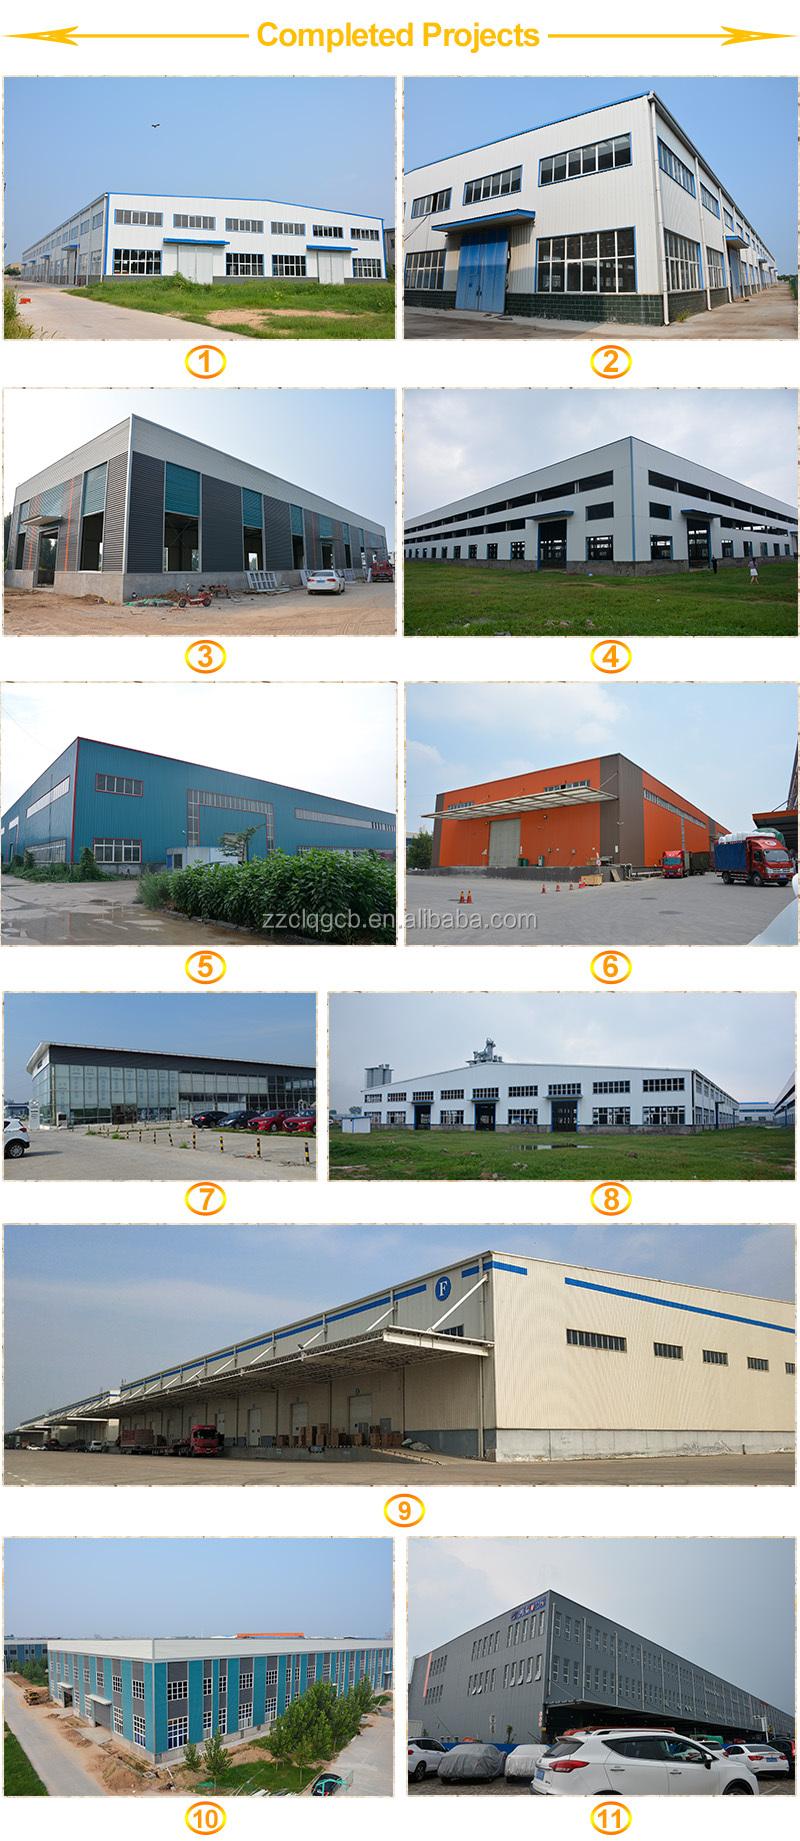 Nepal Fabrik Arten Portal Rahmen Vorgefertigte Installiert Stahl ...